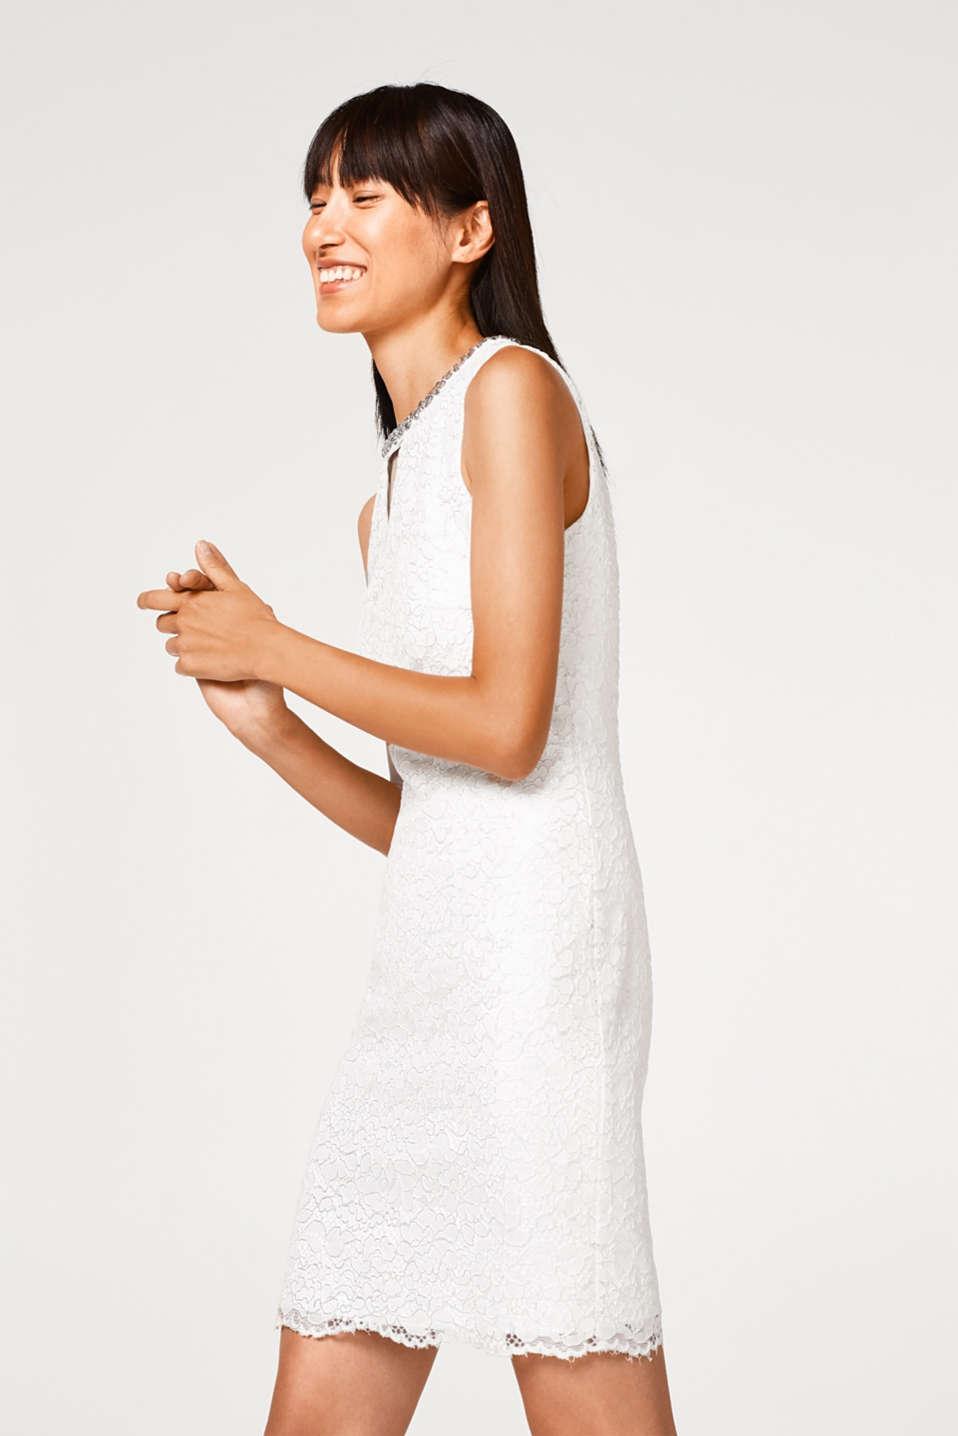 Esprit - Brautkleid aus Spitze mit Schmucksteinen im Online Shop kaufen